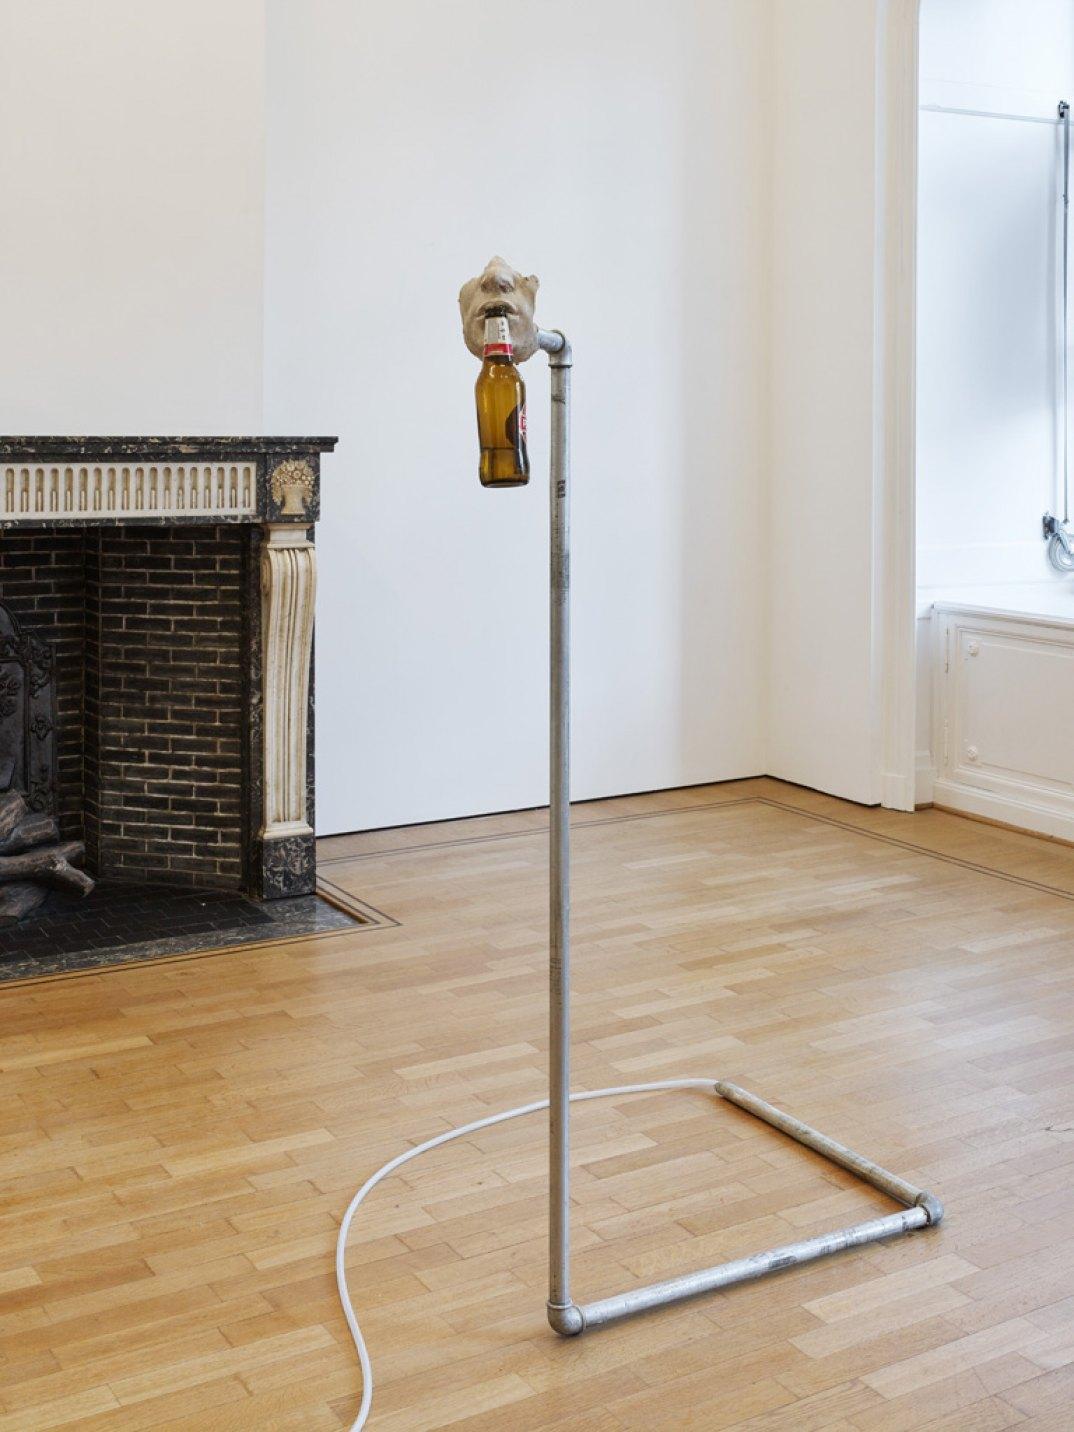 Giulio Delvè,<em>Ugh</em>, 2017, jesmonite, air compressor, beer bottle, pipes and ttings, exible hydraulic hose, 120 × 60 × 55 cm - Mendes Wood DM